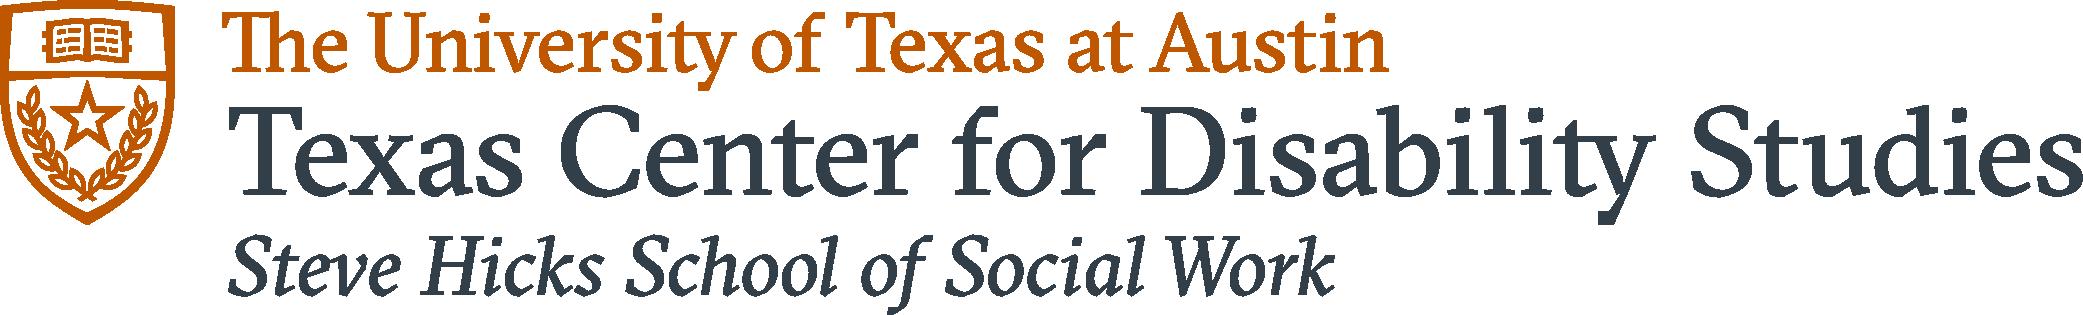 Texas Center for Disabilities logo